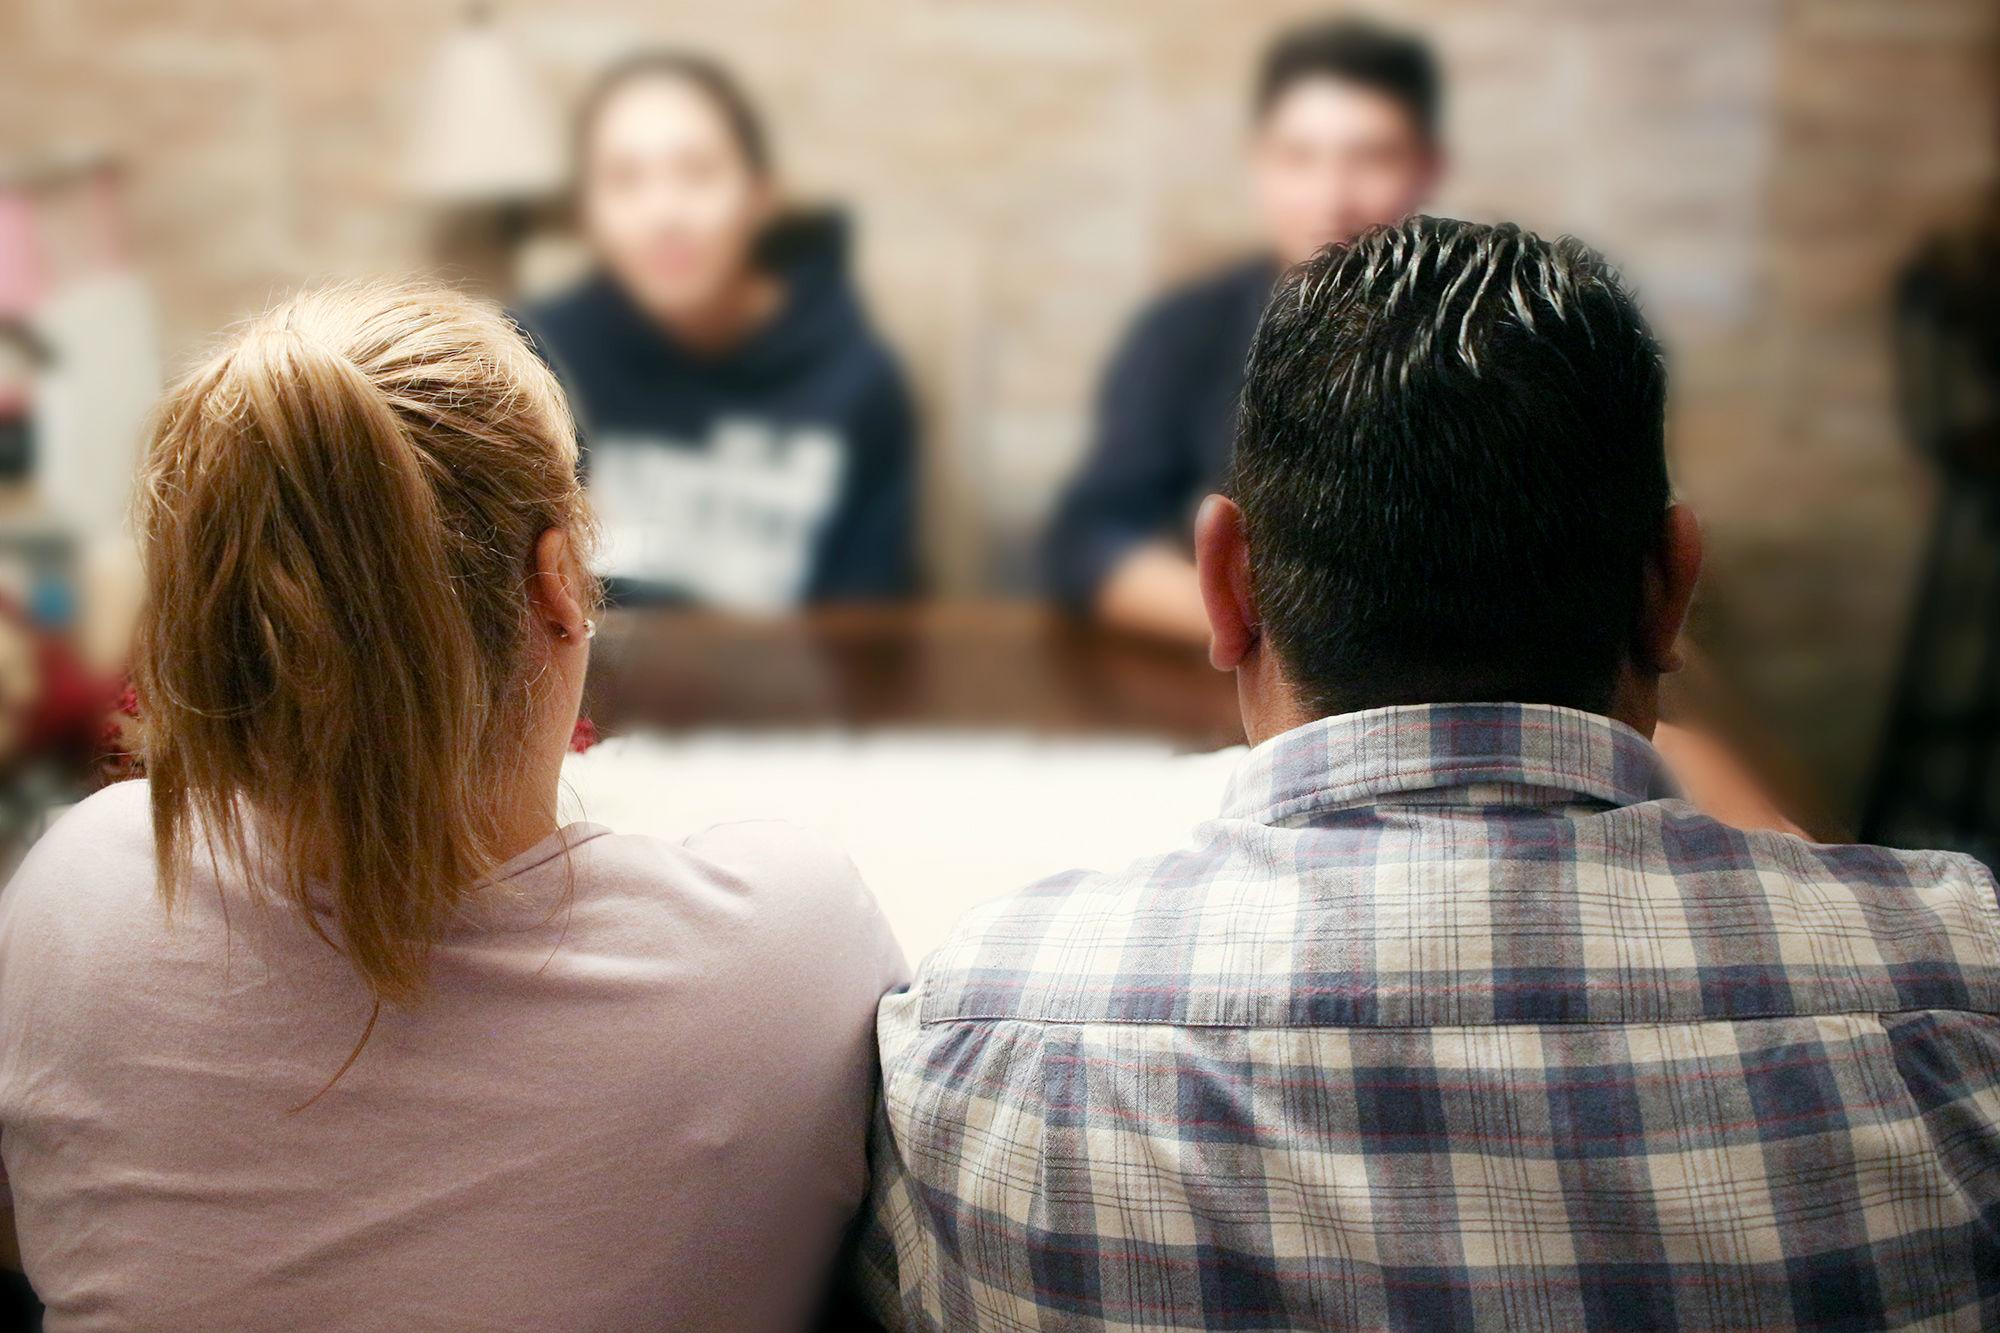 Más de 13 mil nuevos casos de VIH/SIDA se detectaron en México